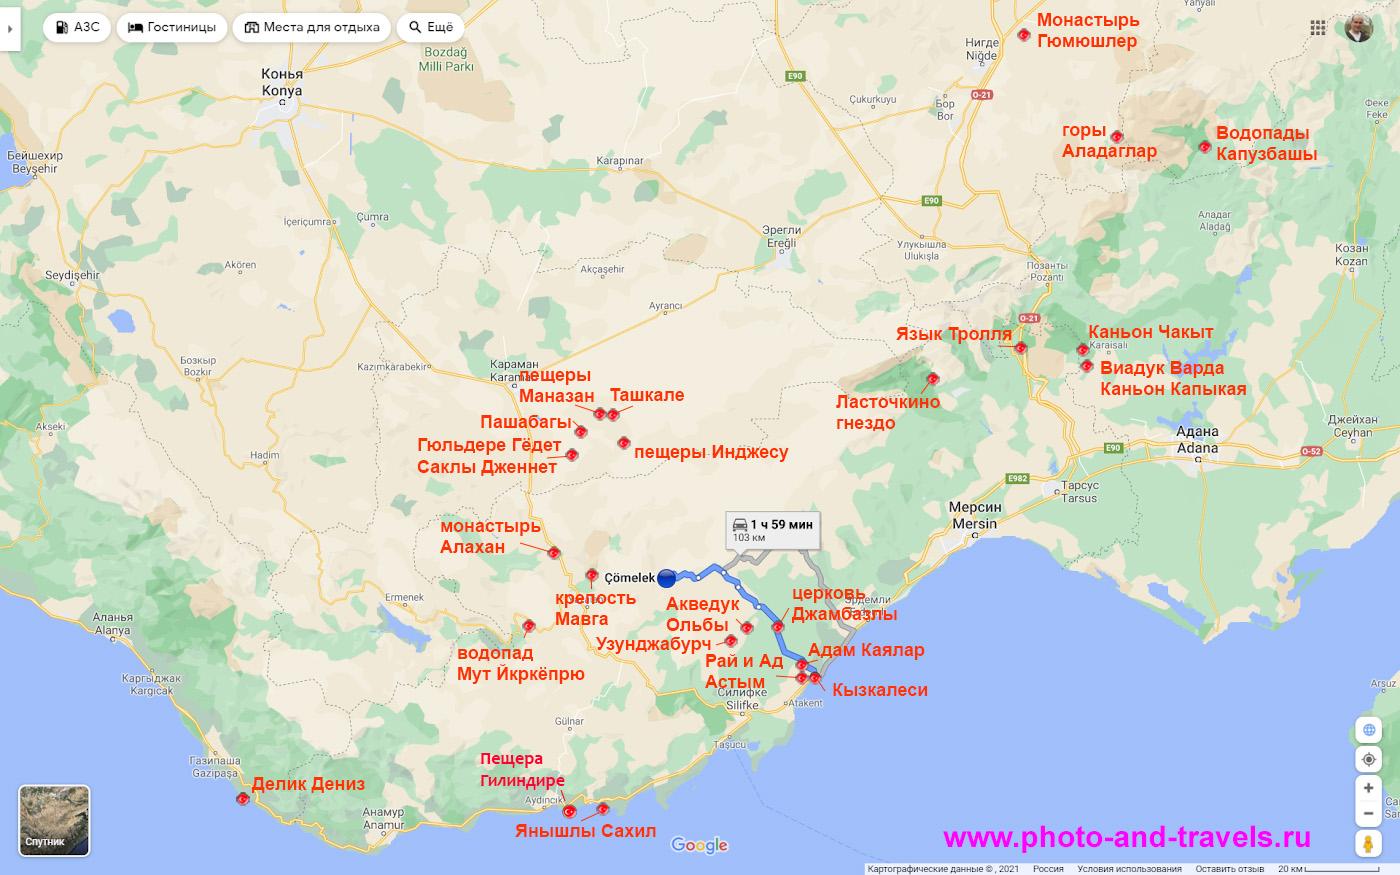 2. Карта с пояснением, как добраться к замку Гюлек (Gülek Kalesi) и «Языку Тролля». Где находятся каньоны Чакыт (Belemedik/Çakıt Vadisi) и Капыкая (Kapıkaya Kanyonu).